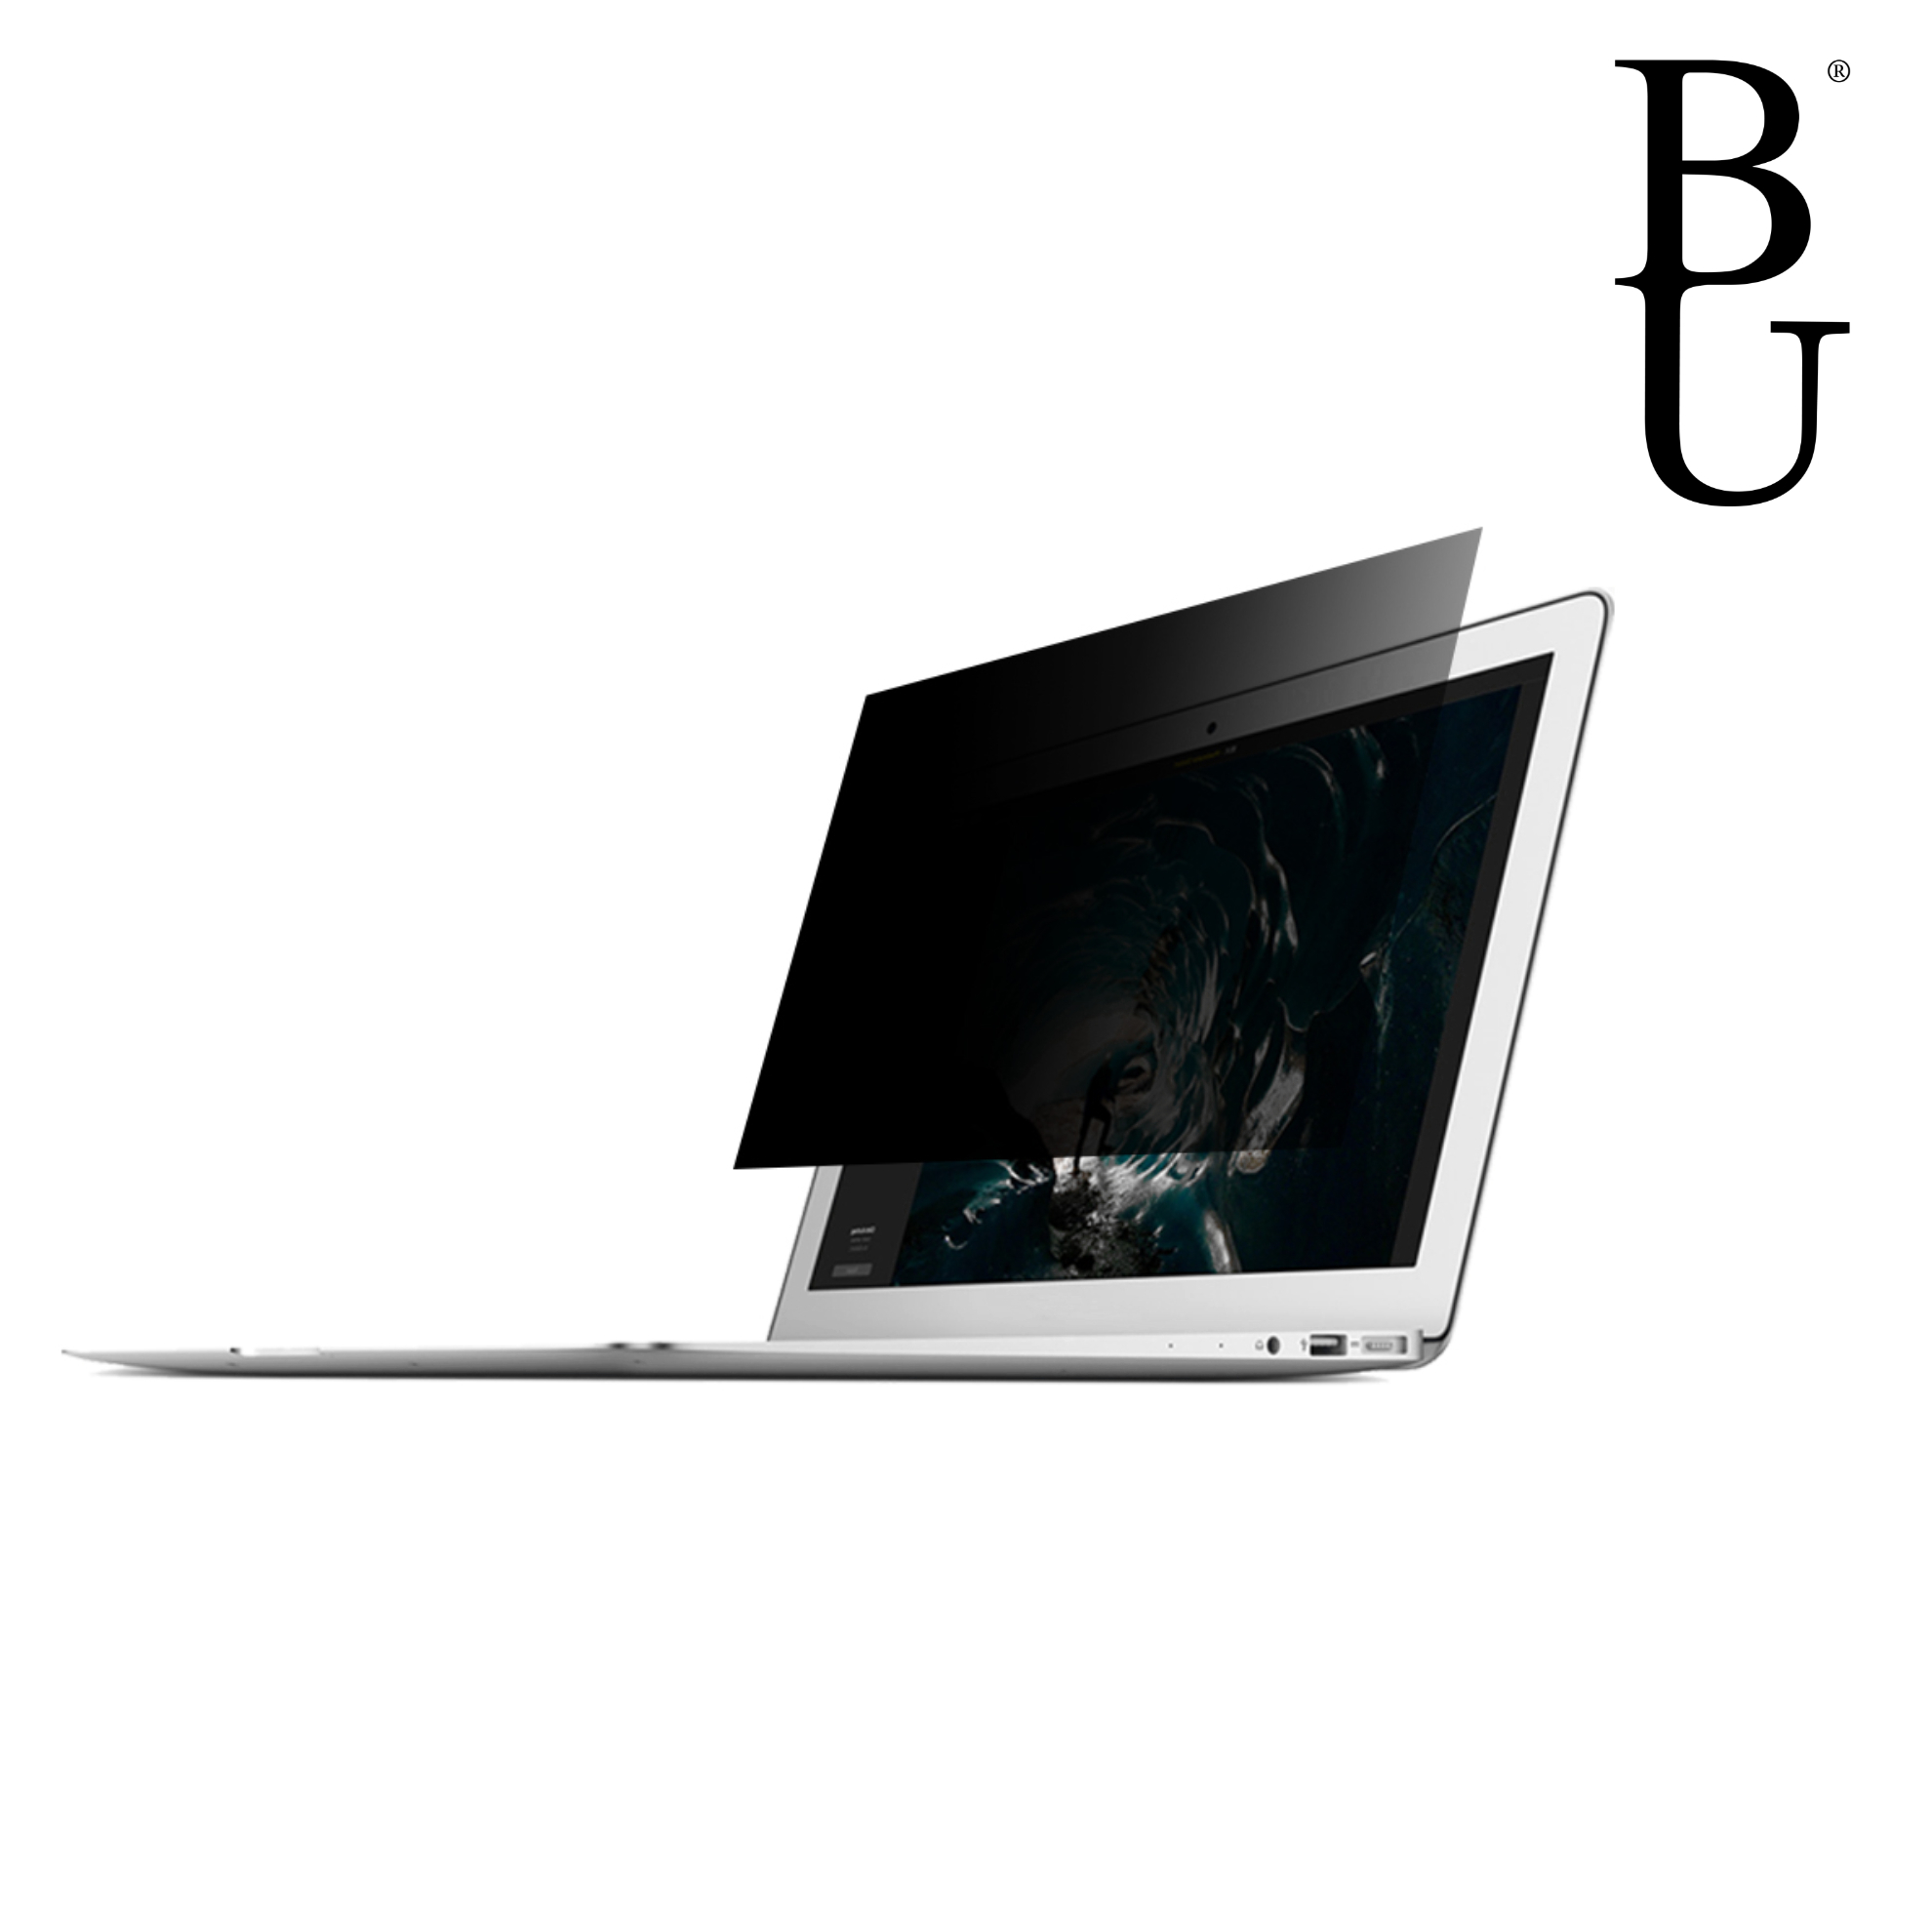 Mit einem Blickschutzfilter für dein Macbook kannst du einen Blickschutz generieren, in dem du die Blickschutzfolie an deinem Macbook anbringst.